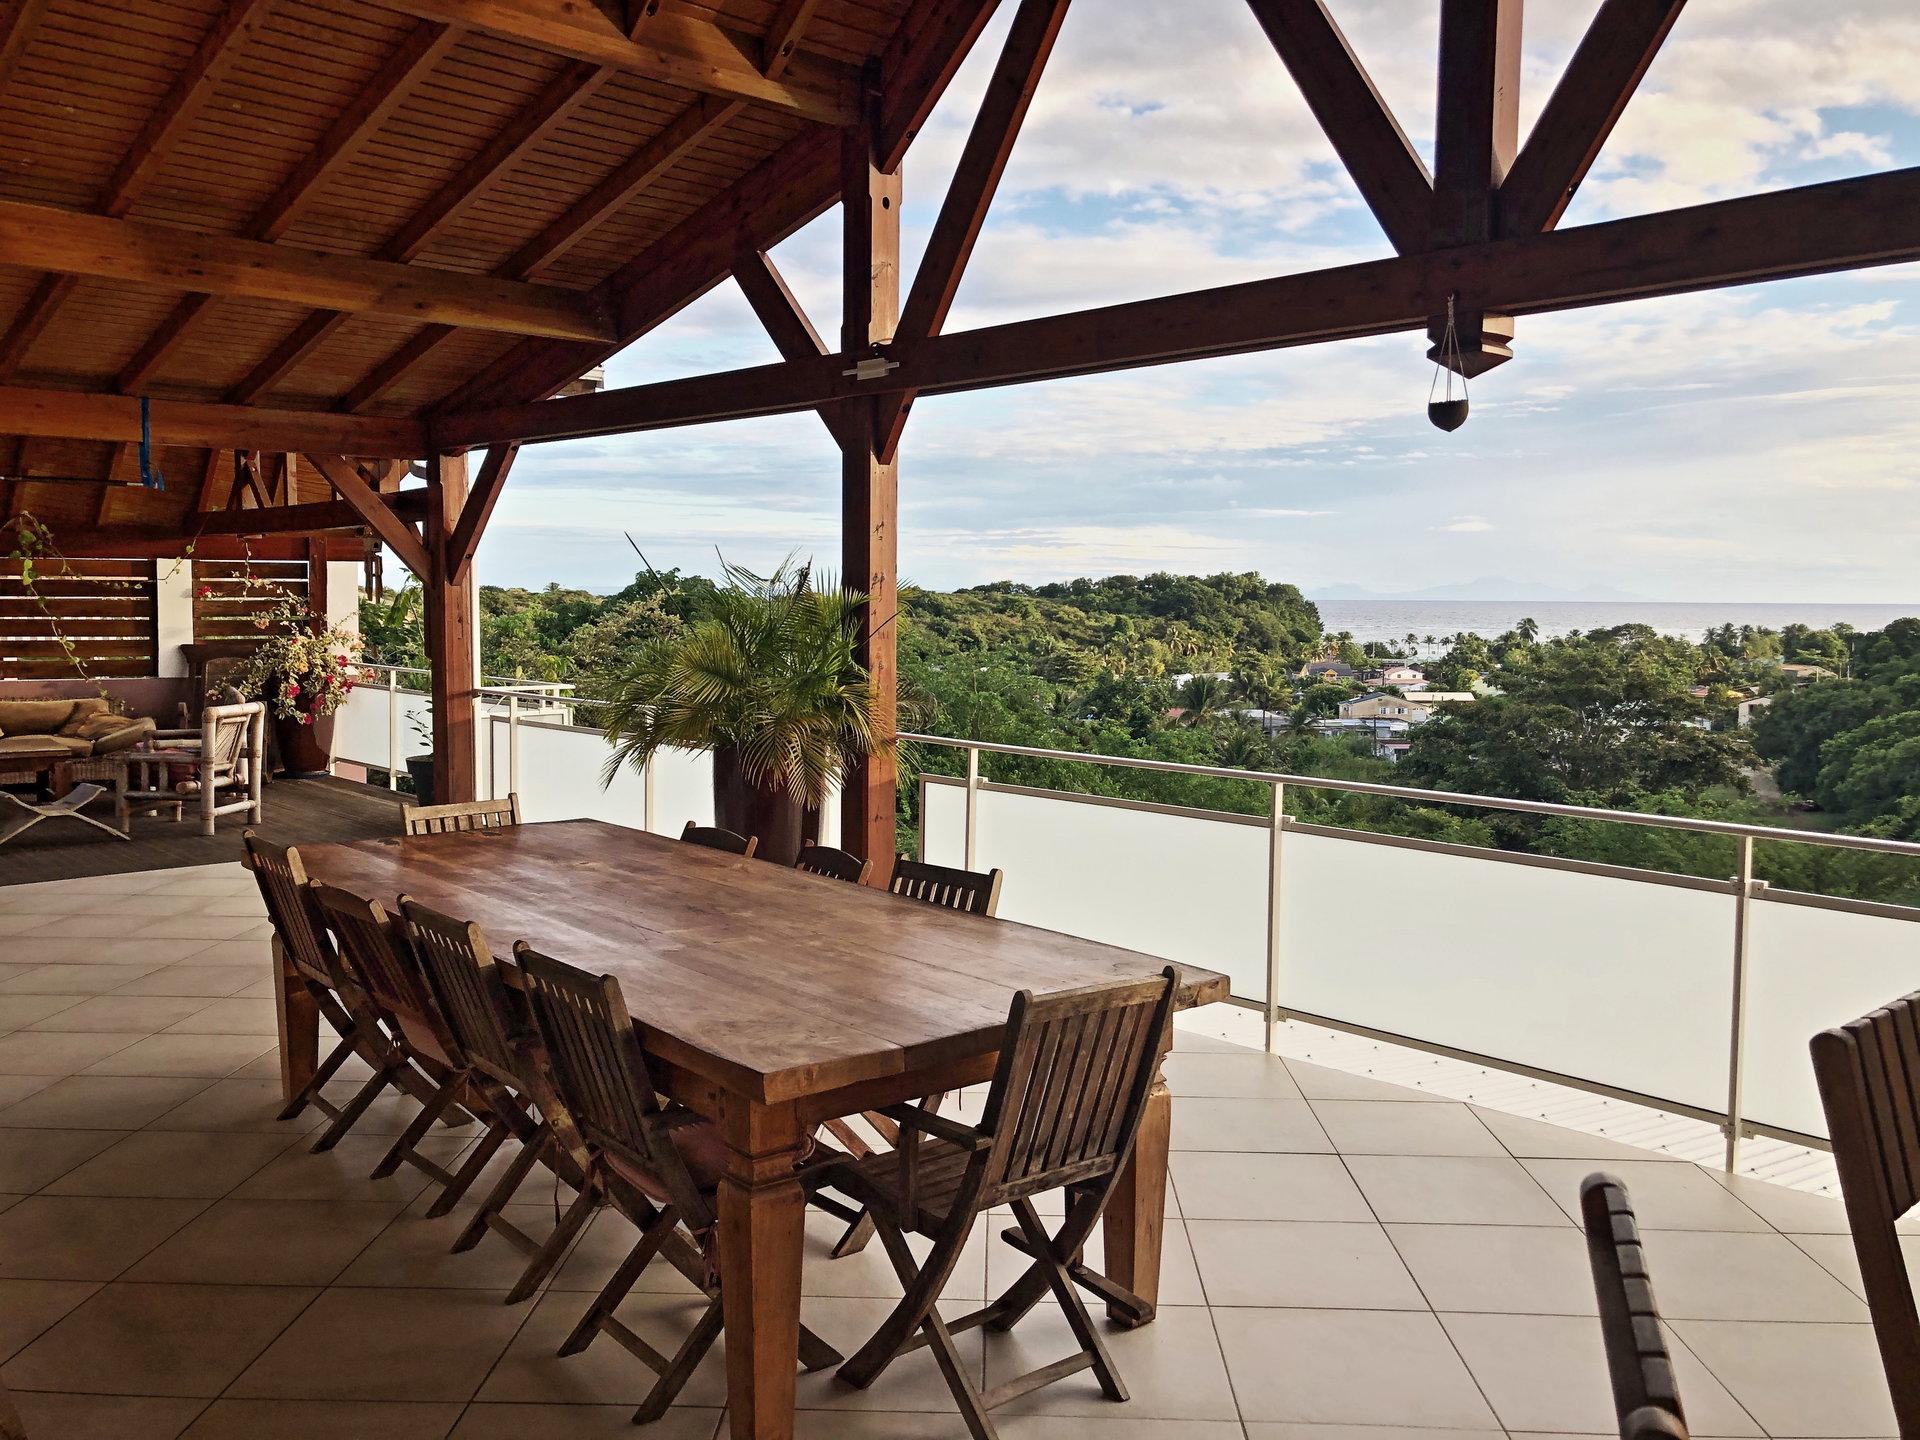 Achat villa Sainte-Anne terrasse